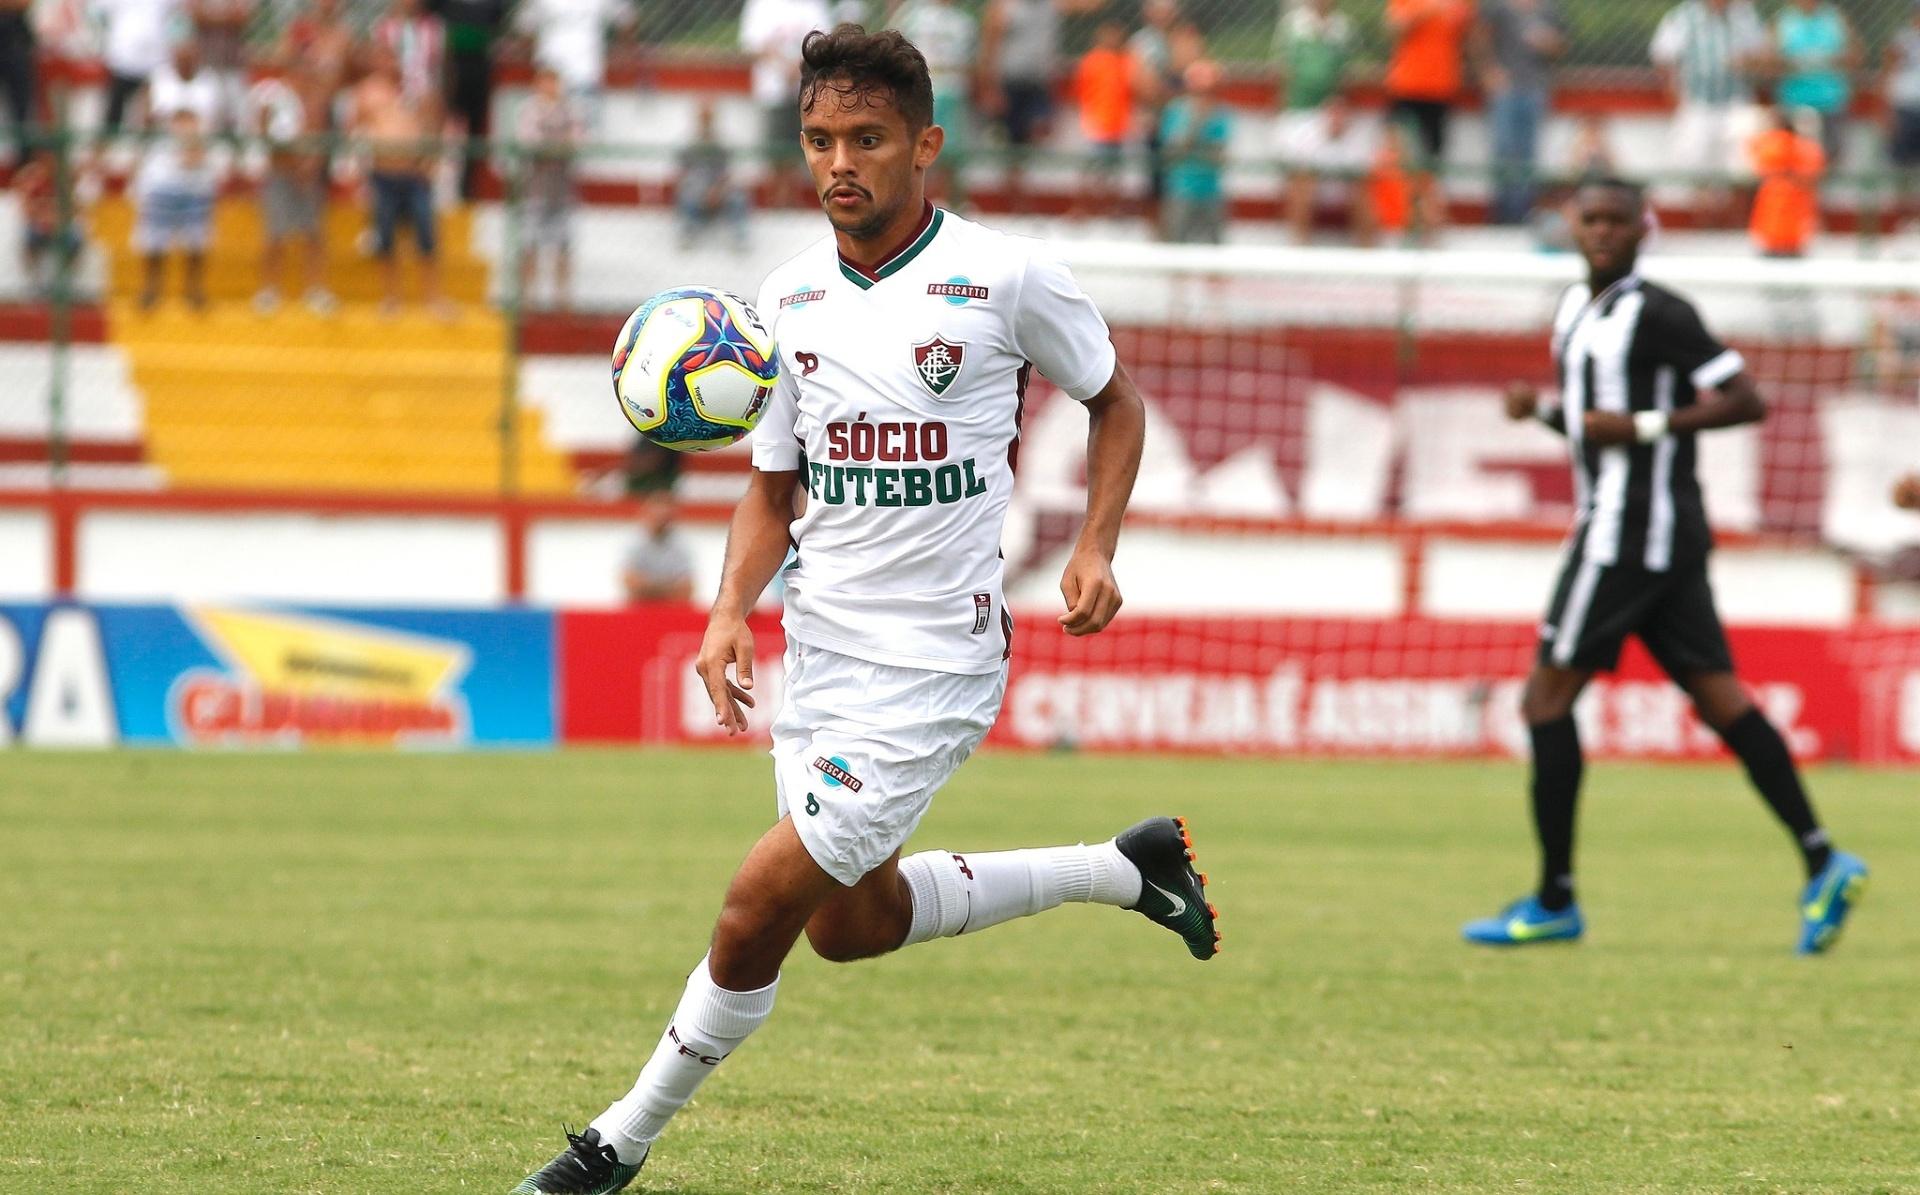 6972a6ff356 Fluminense agenda evento para apresentar contrato com a Under Armour ...